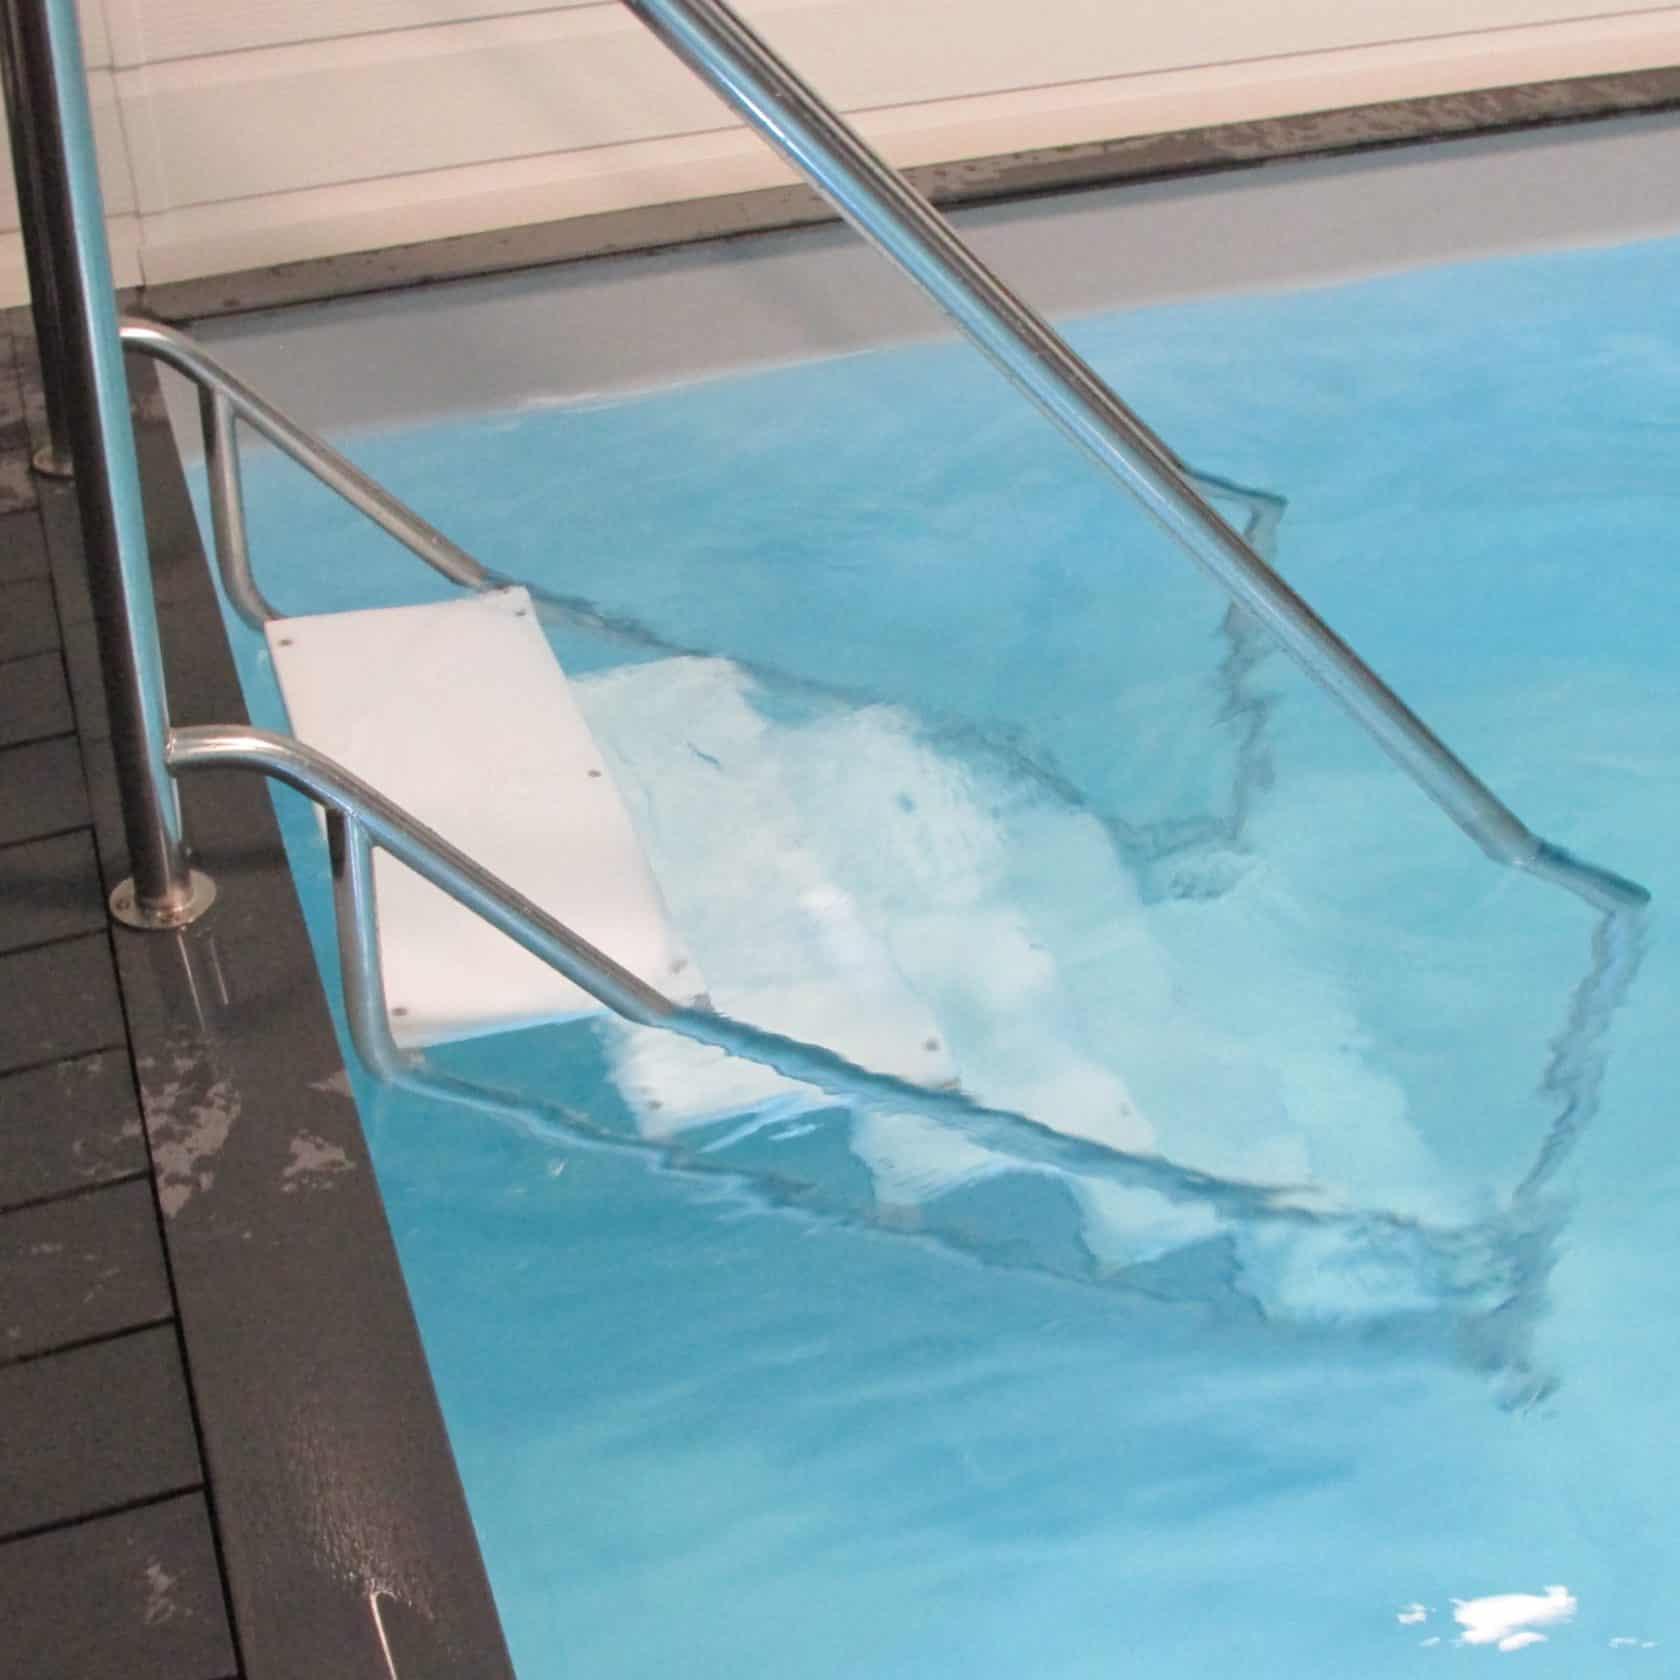 Escalier Aquatique En Inox Pour Accéder À Une Piscine dedans Escalier Pour Piscine